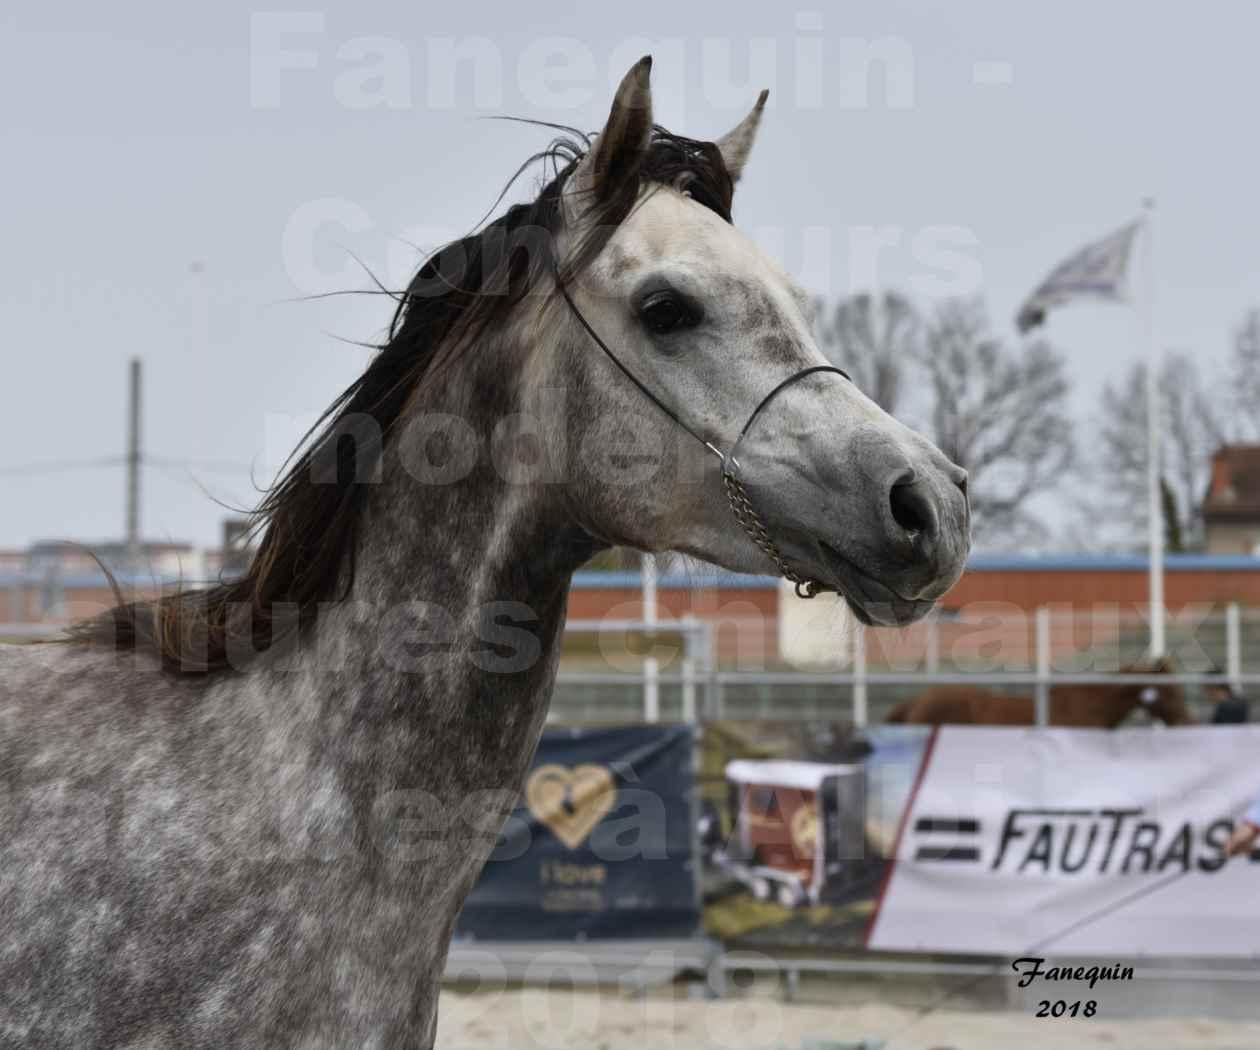 Concours d'élevage de Chevaux Arabes - Demi Sang Arabes - Anglo Arabes - ALBI les 6 & 7 Avril 2018 - PERCEVAL DE LAFON - Notre Sélection - Portraits - 08